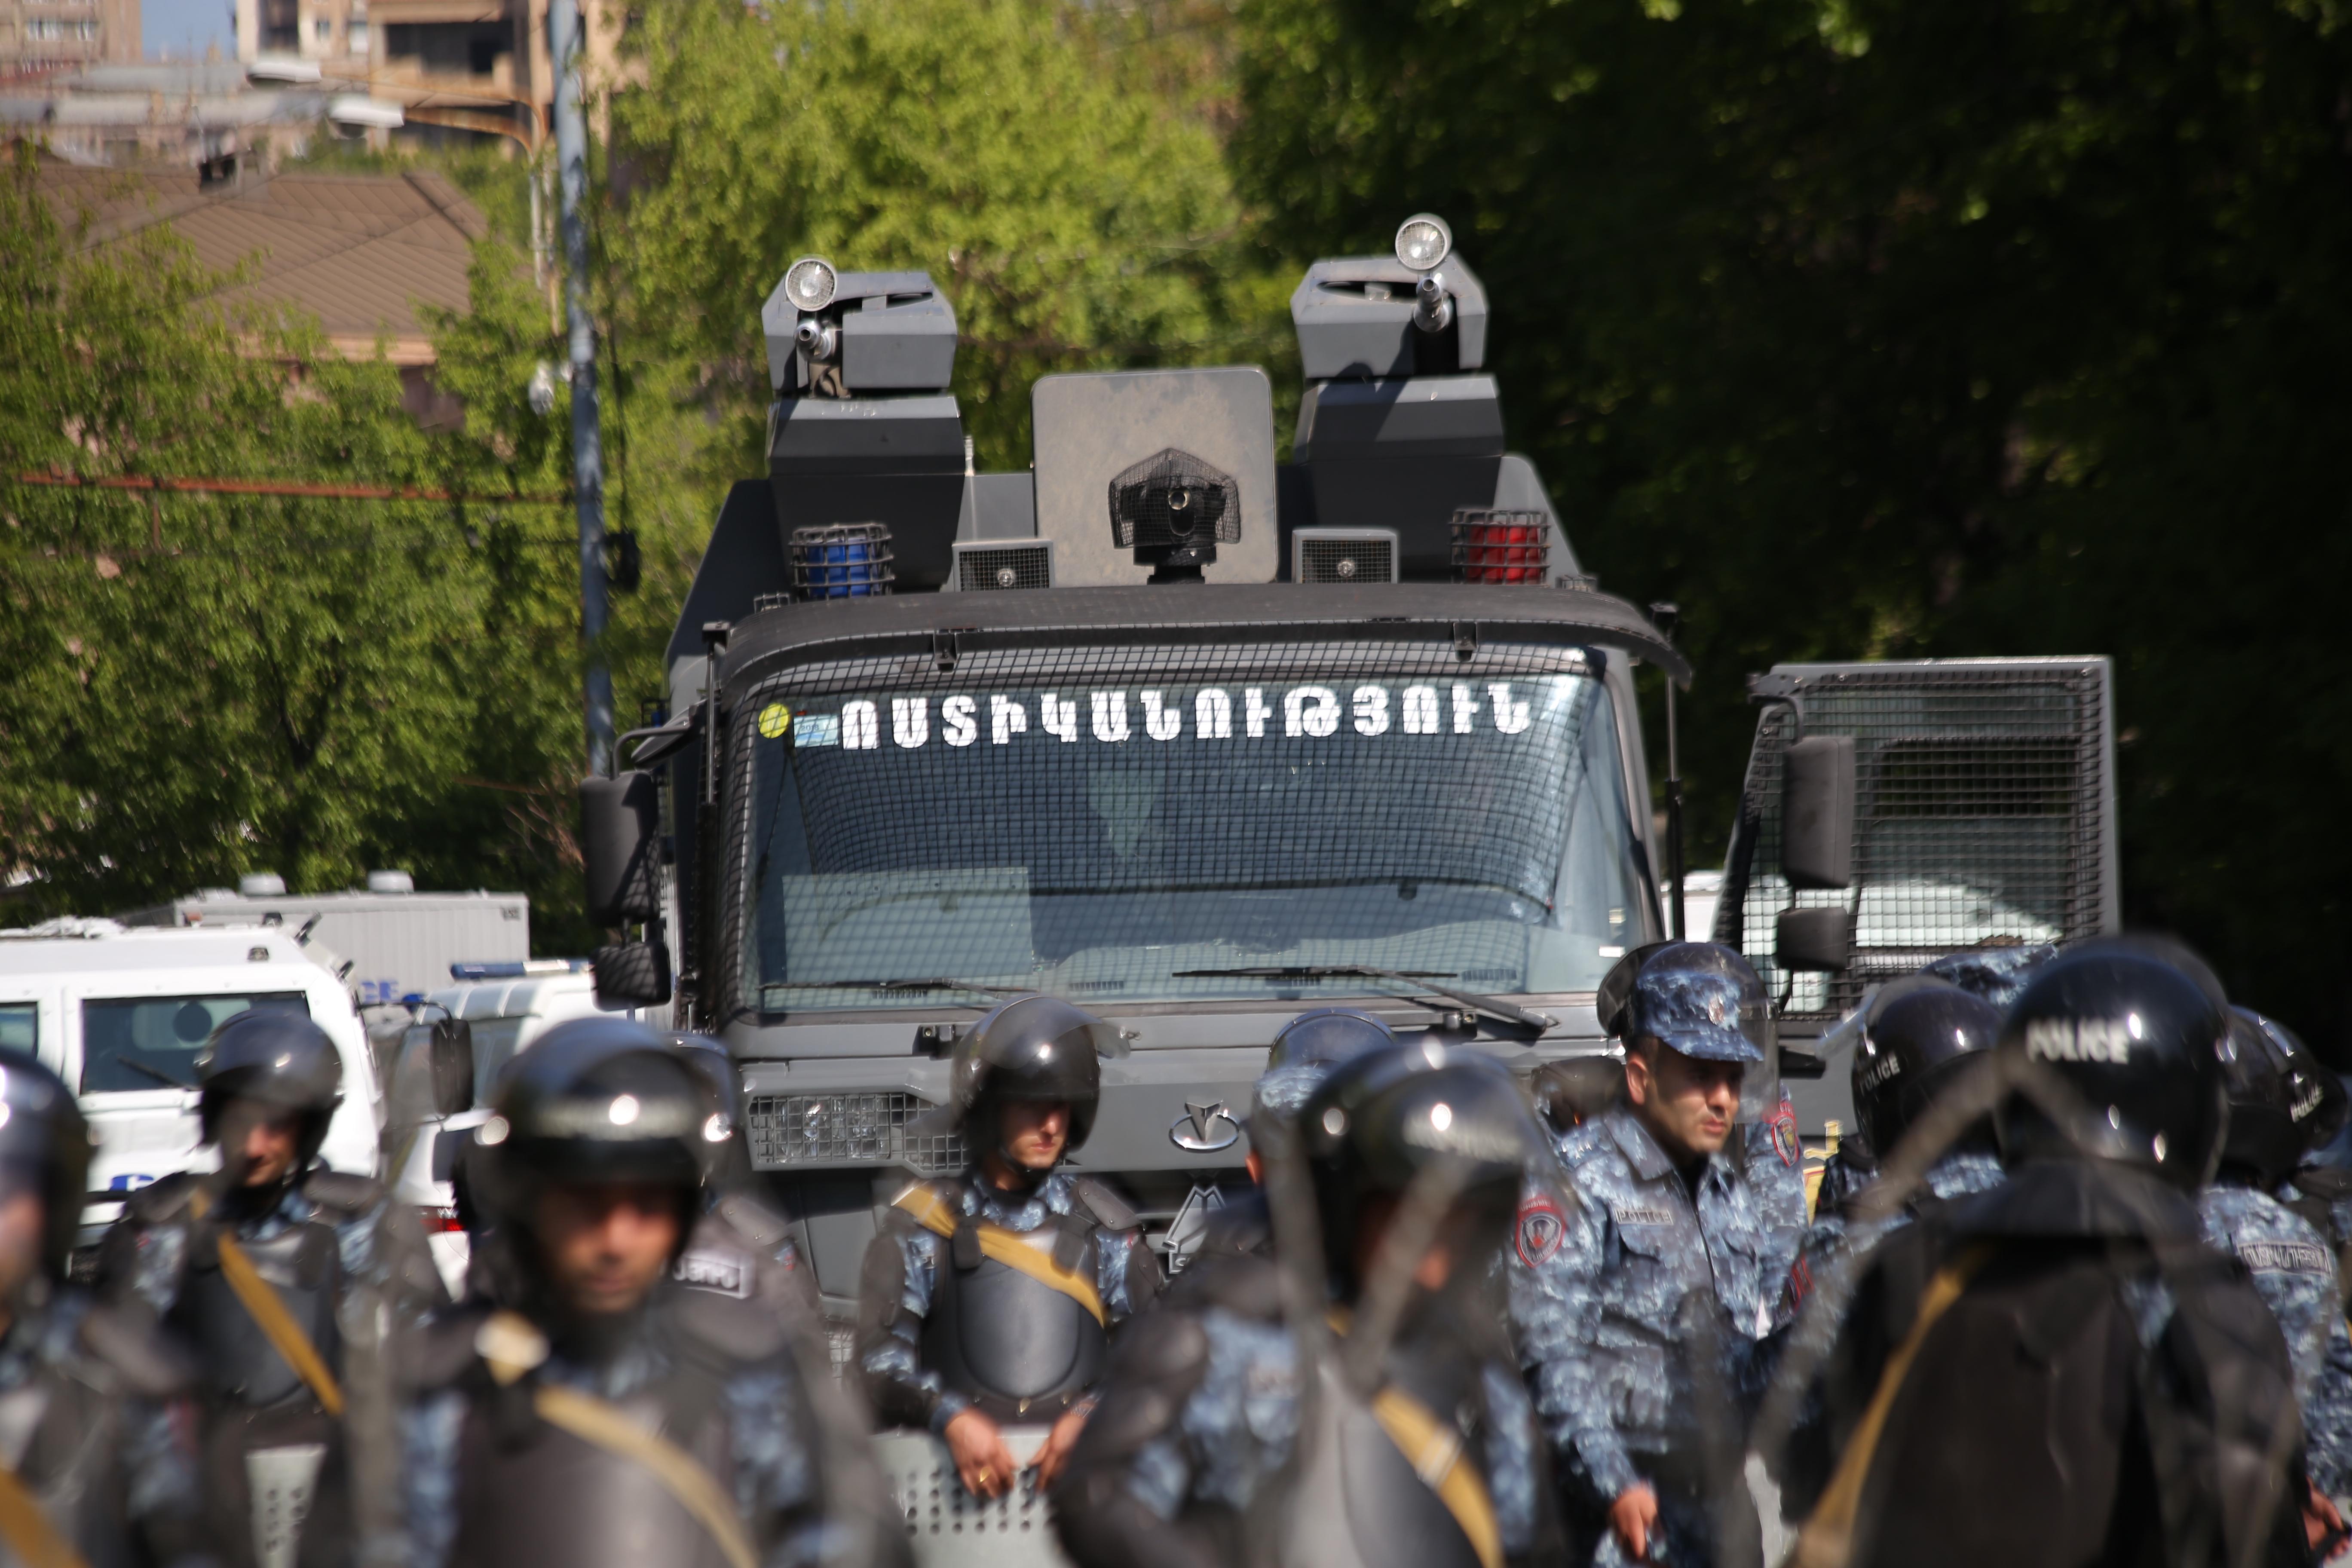 Ոստիկանները մեղադրվում են բռնություն գործադրելու մեջ. ՀՔԾ